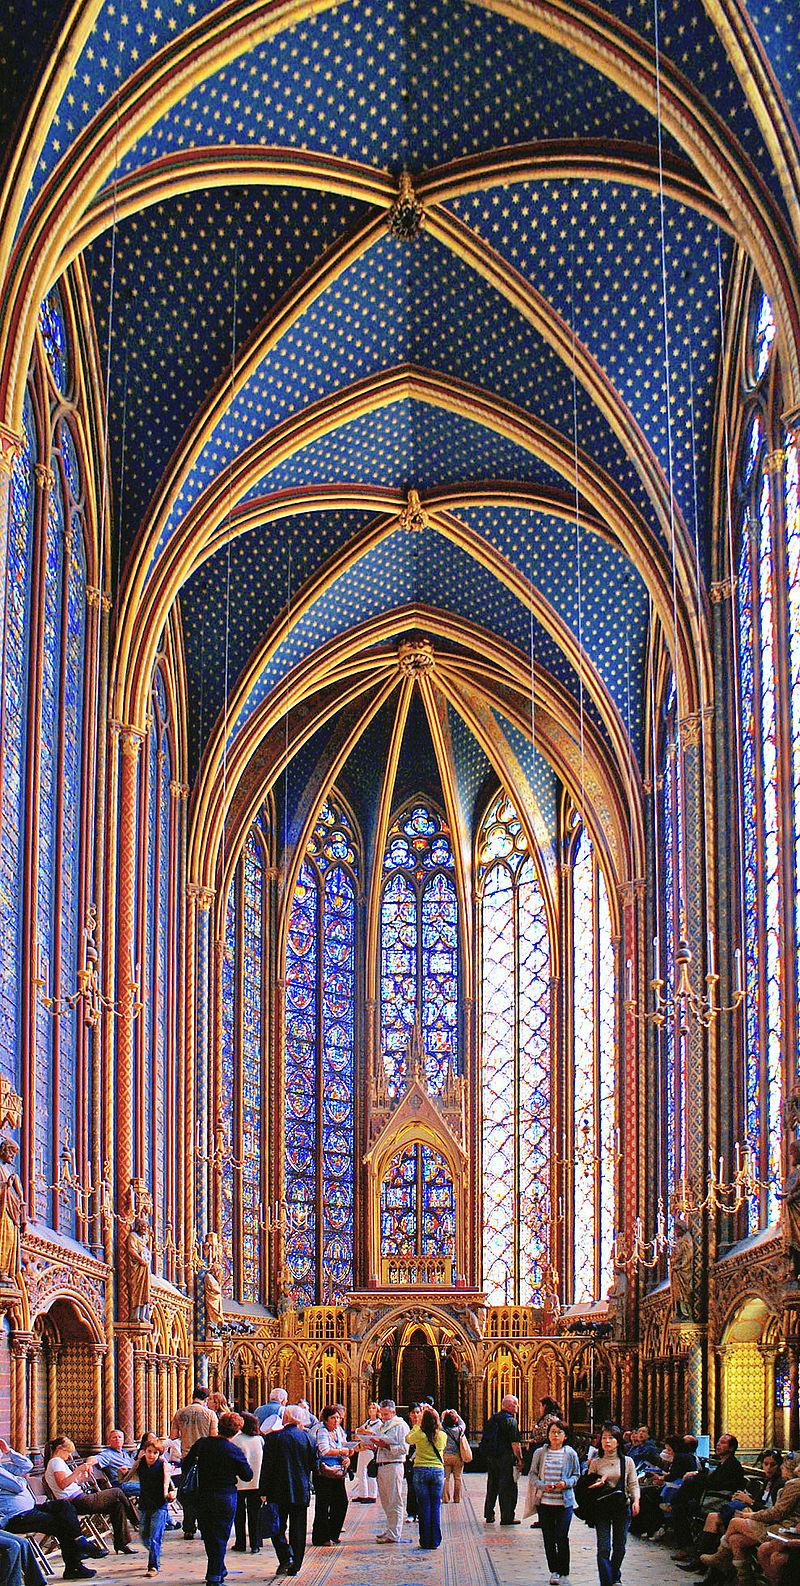 โบสถ์แซงต์ ชาแปลล์-ภายในโอ่อ่าสวยงาม